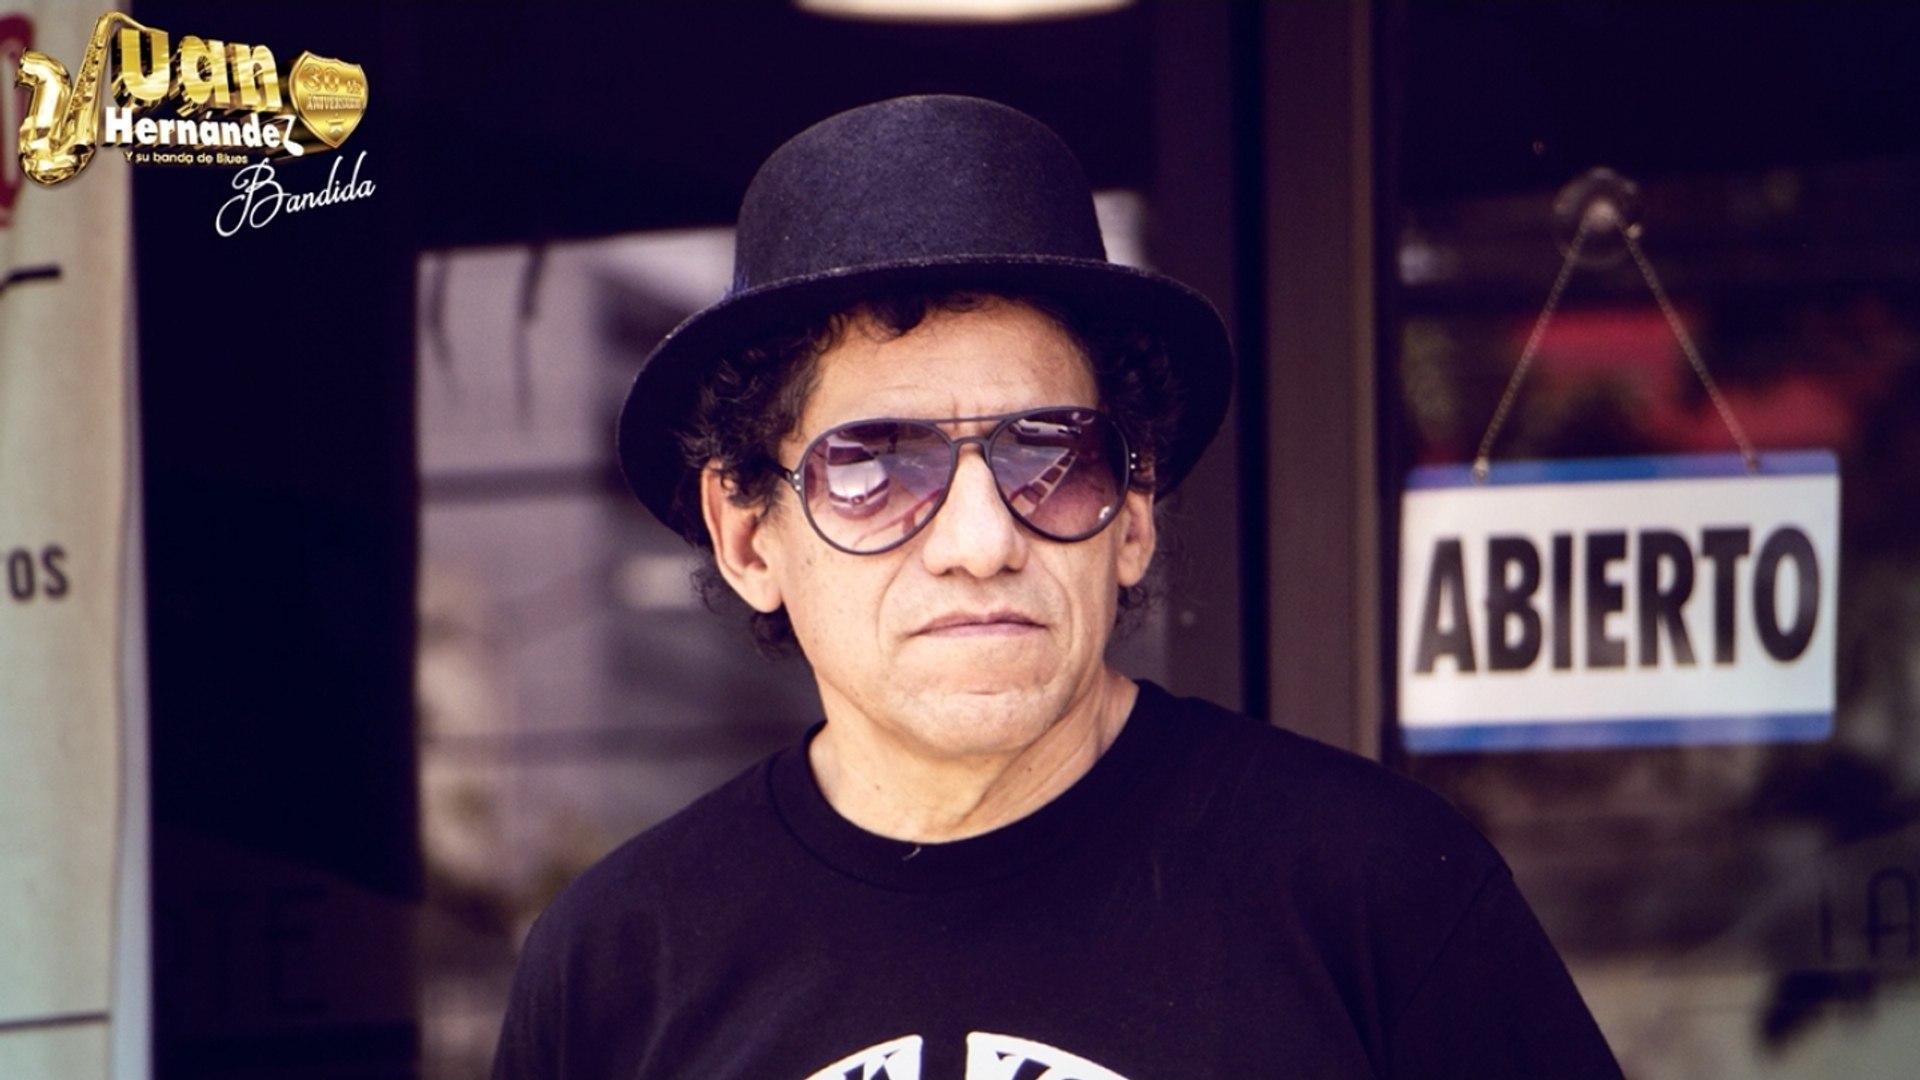 Juan Hernández y su Banda de Blues - Bandida Slideshow